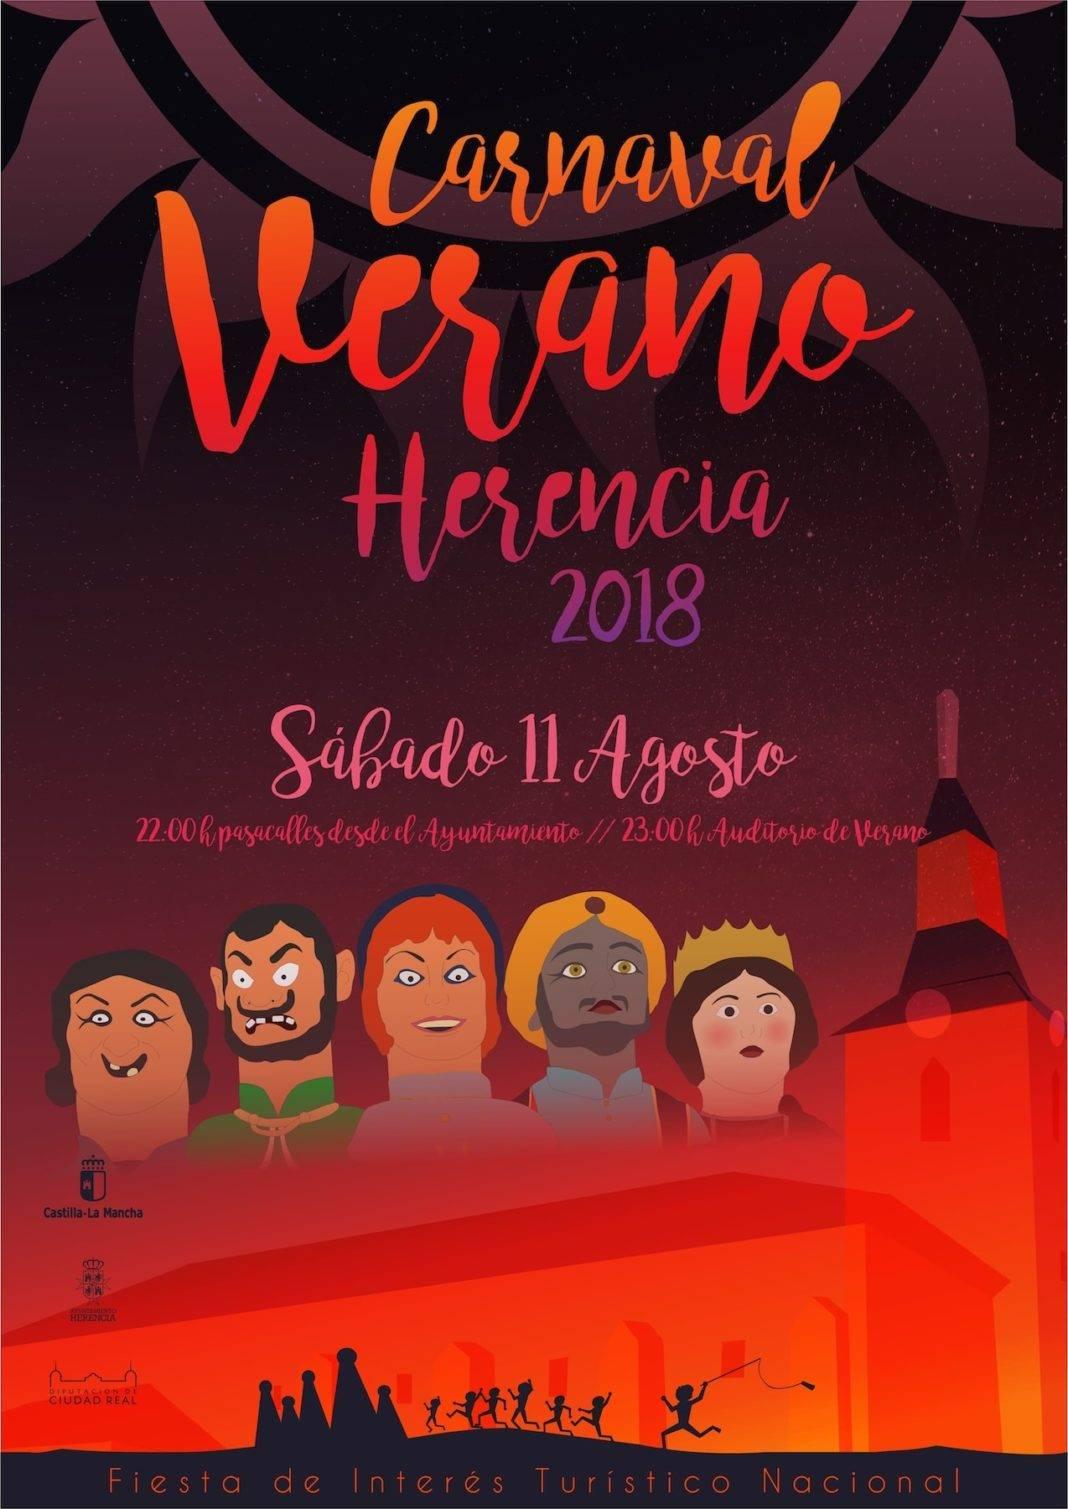 El Carnaval de Verano de Herencia el único en la región 4